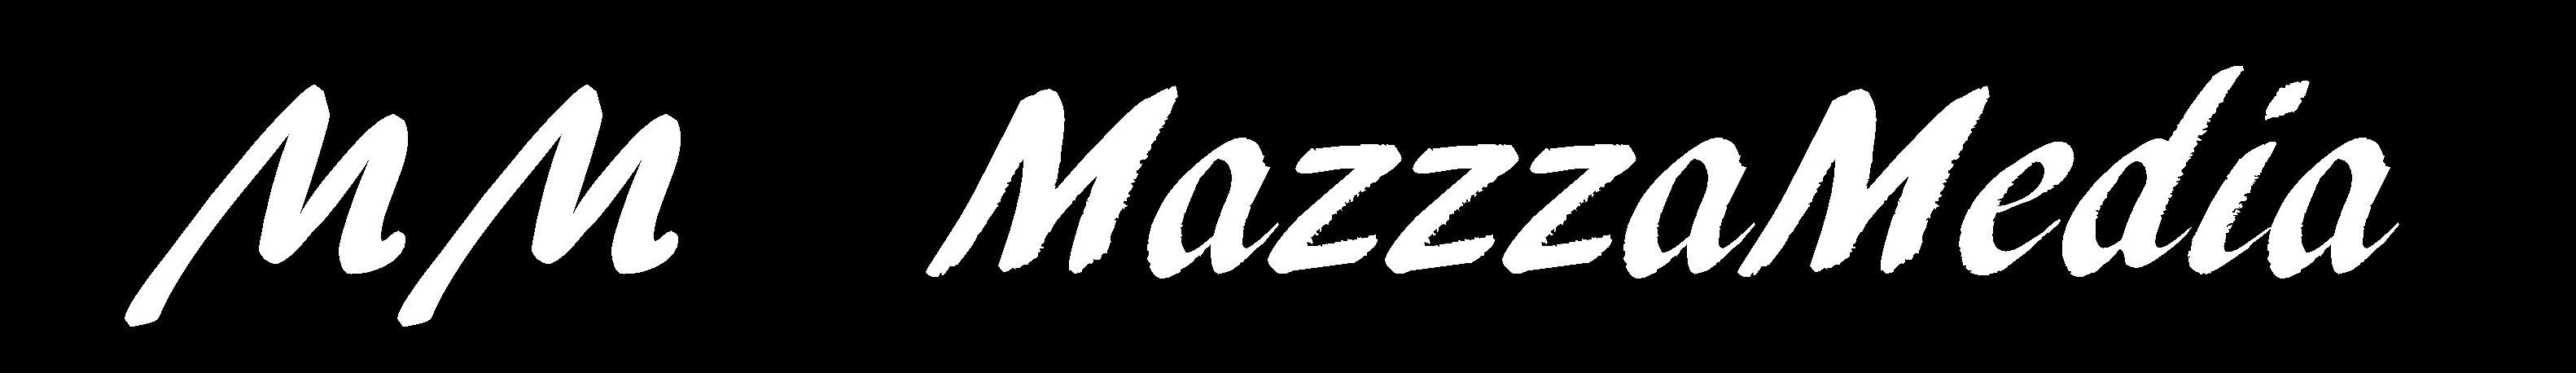 MazzzaMedia